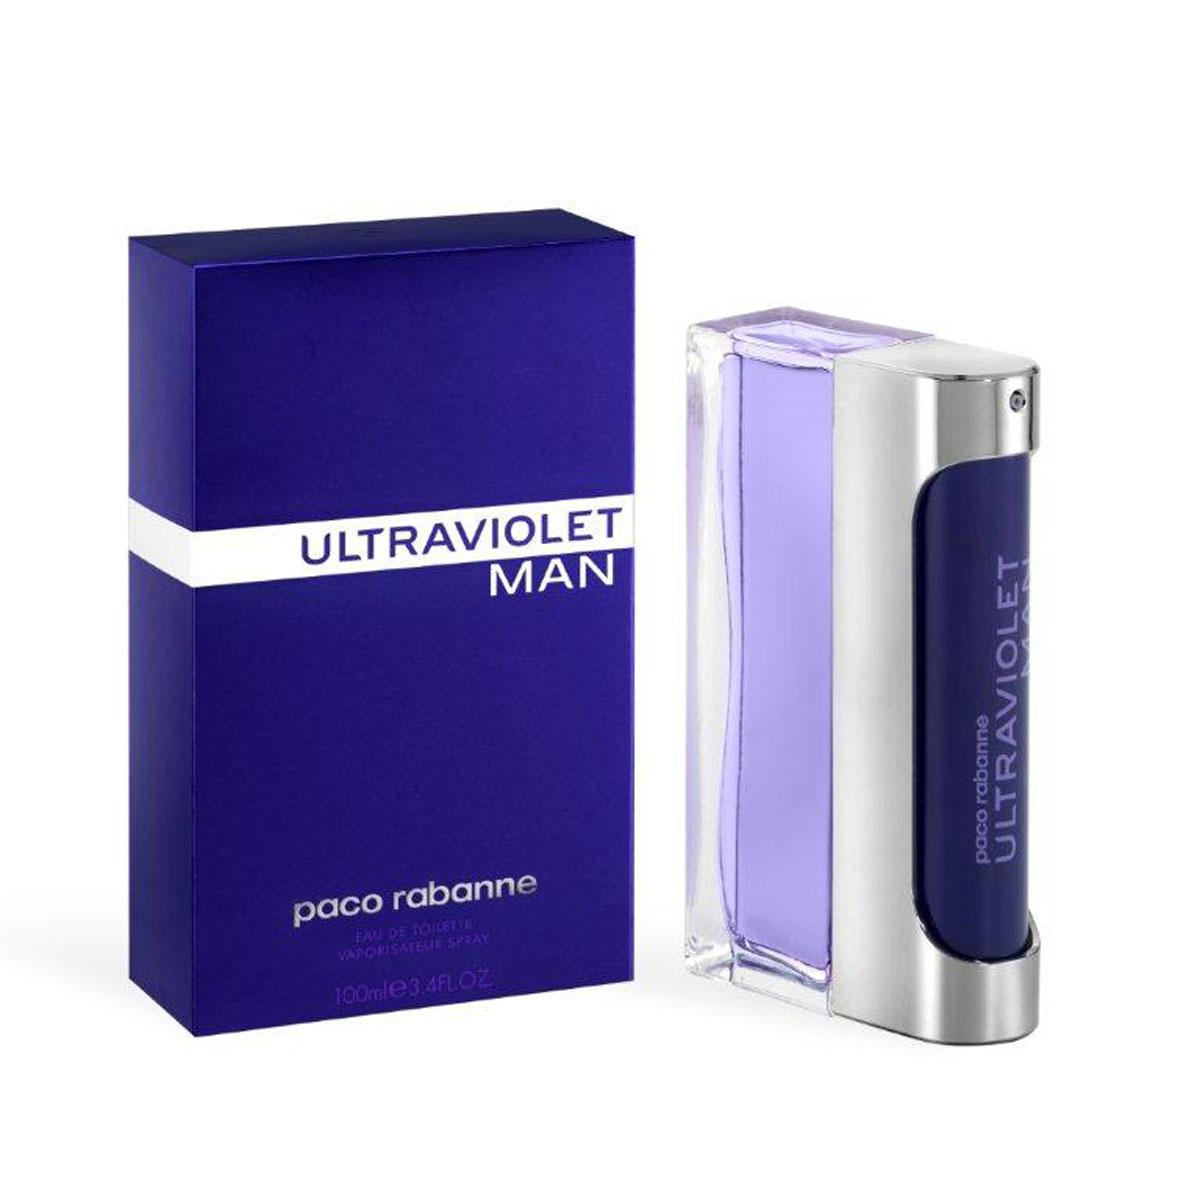 Paco Rabanne Туалетная вода Ultraviolet Man, мужская, 100 мл1092018Герой аромата Ultraviolet от Paco Rabanne ценит новые технологии и не боится отличаться от других. Его привлекает только лучшее. Свежий, древесный, амбровый аромат, олицетворяющий истинно мужскую чувственность, был воссоздан благодаря технологии NATURE PRINT. Сначала аромат раскладывают на молекулы и анализируют, затем идентифицируют и с точностью воссоздают наиболее чистые, устойчивые, лучшие ноты. Начальные ноты аромата – это жидкая мята. Ноты сердца звучат органическим ветивером и кристаллическим мхом. Базовые ноты – это серая амбра.Верхняя нота: Русский кориандр, итальянская мята.Средняя нота: Черный перец из Танзании, серая амбра.Шлейф: Пачули из Индонезии, дубовый мох.Руский кориандр, итальянская мята - яркие неземные аккорды аромата.